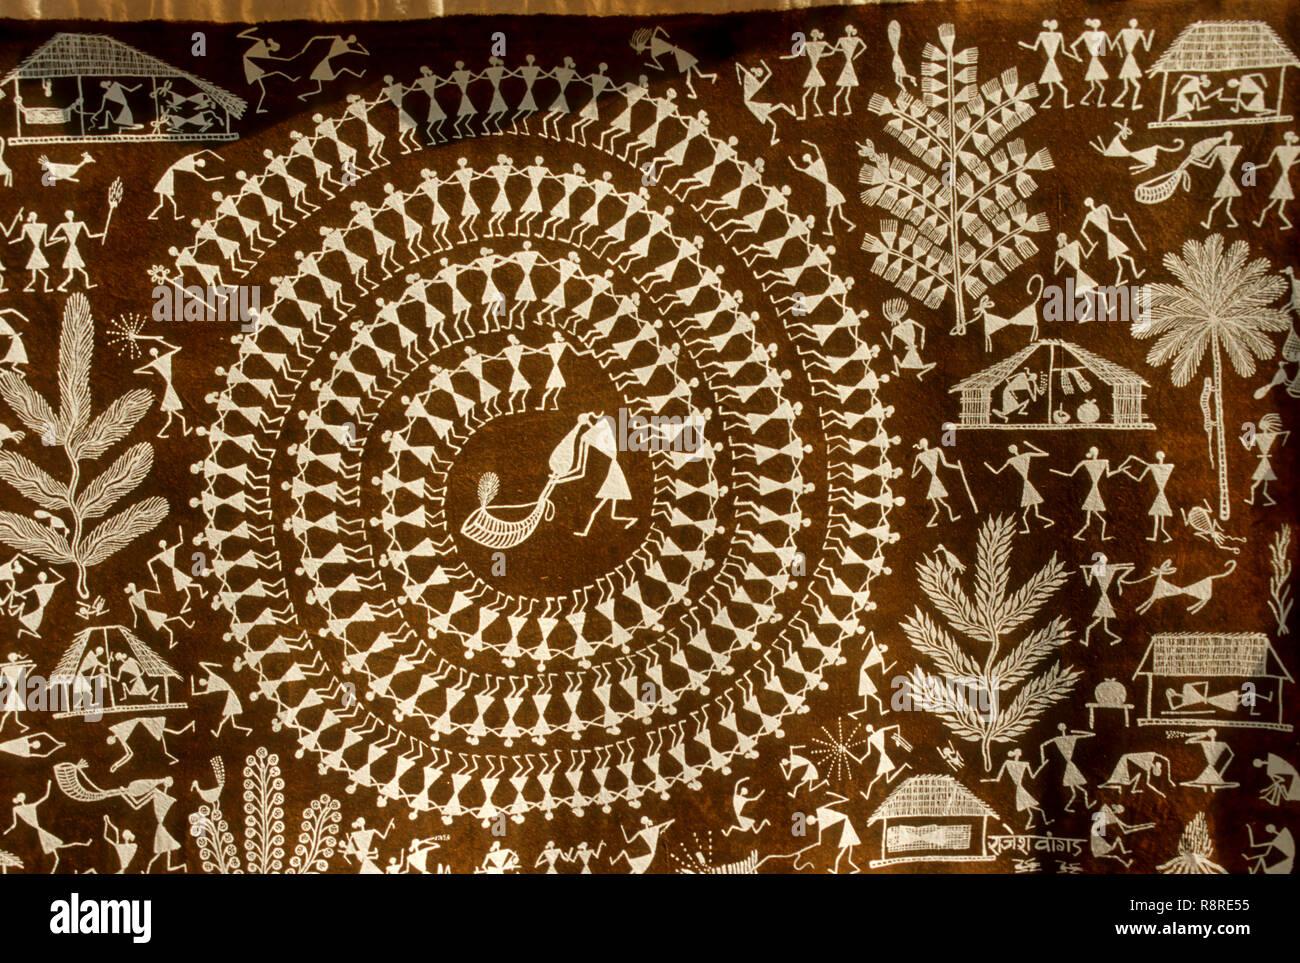 warli painting, maharashtra, india - Stock Image